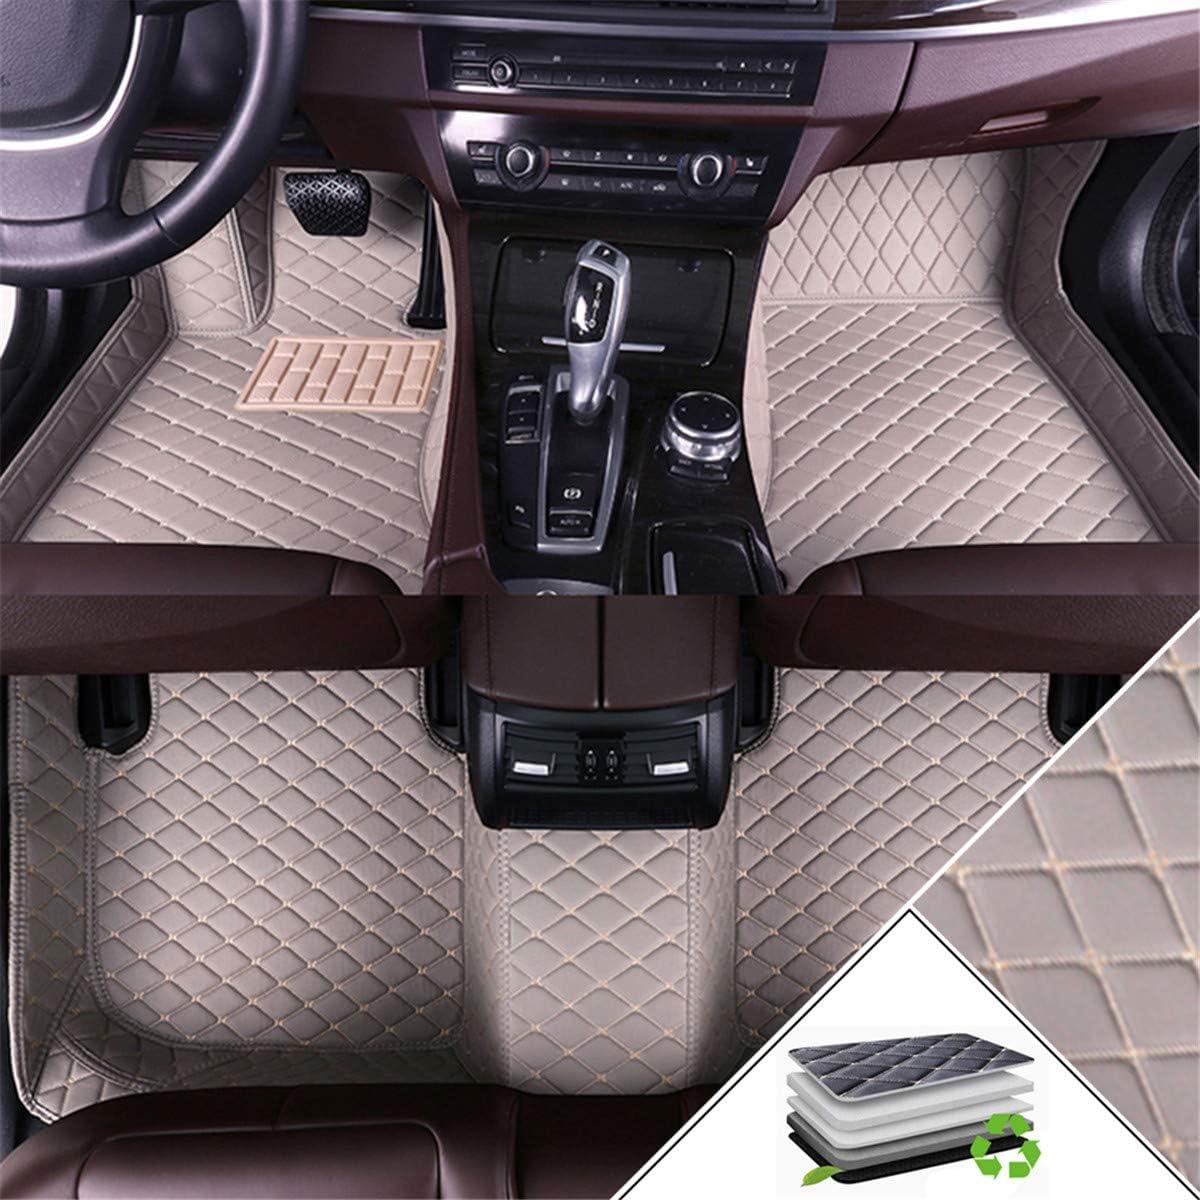 depot Handao-US Custom Car Floor Mats for Sale special price Q60 Coupe 20 Door 2 Infiniti